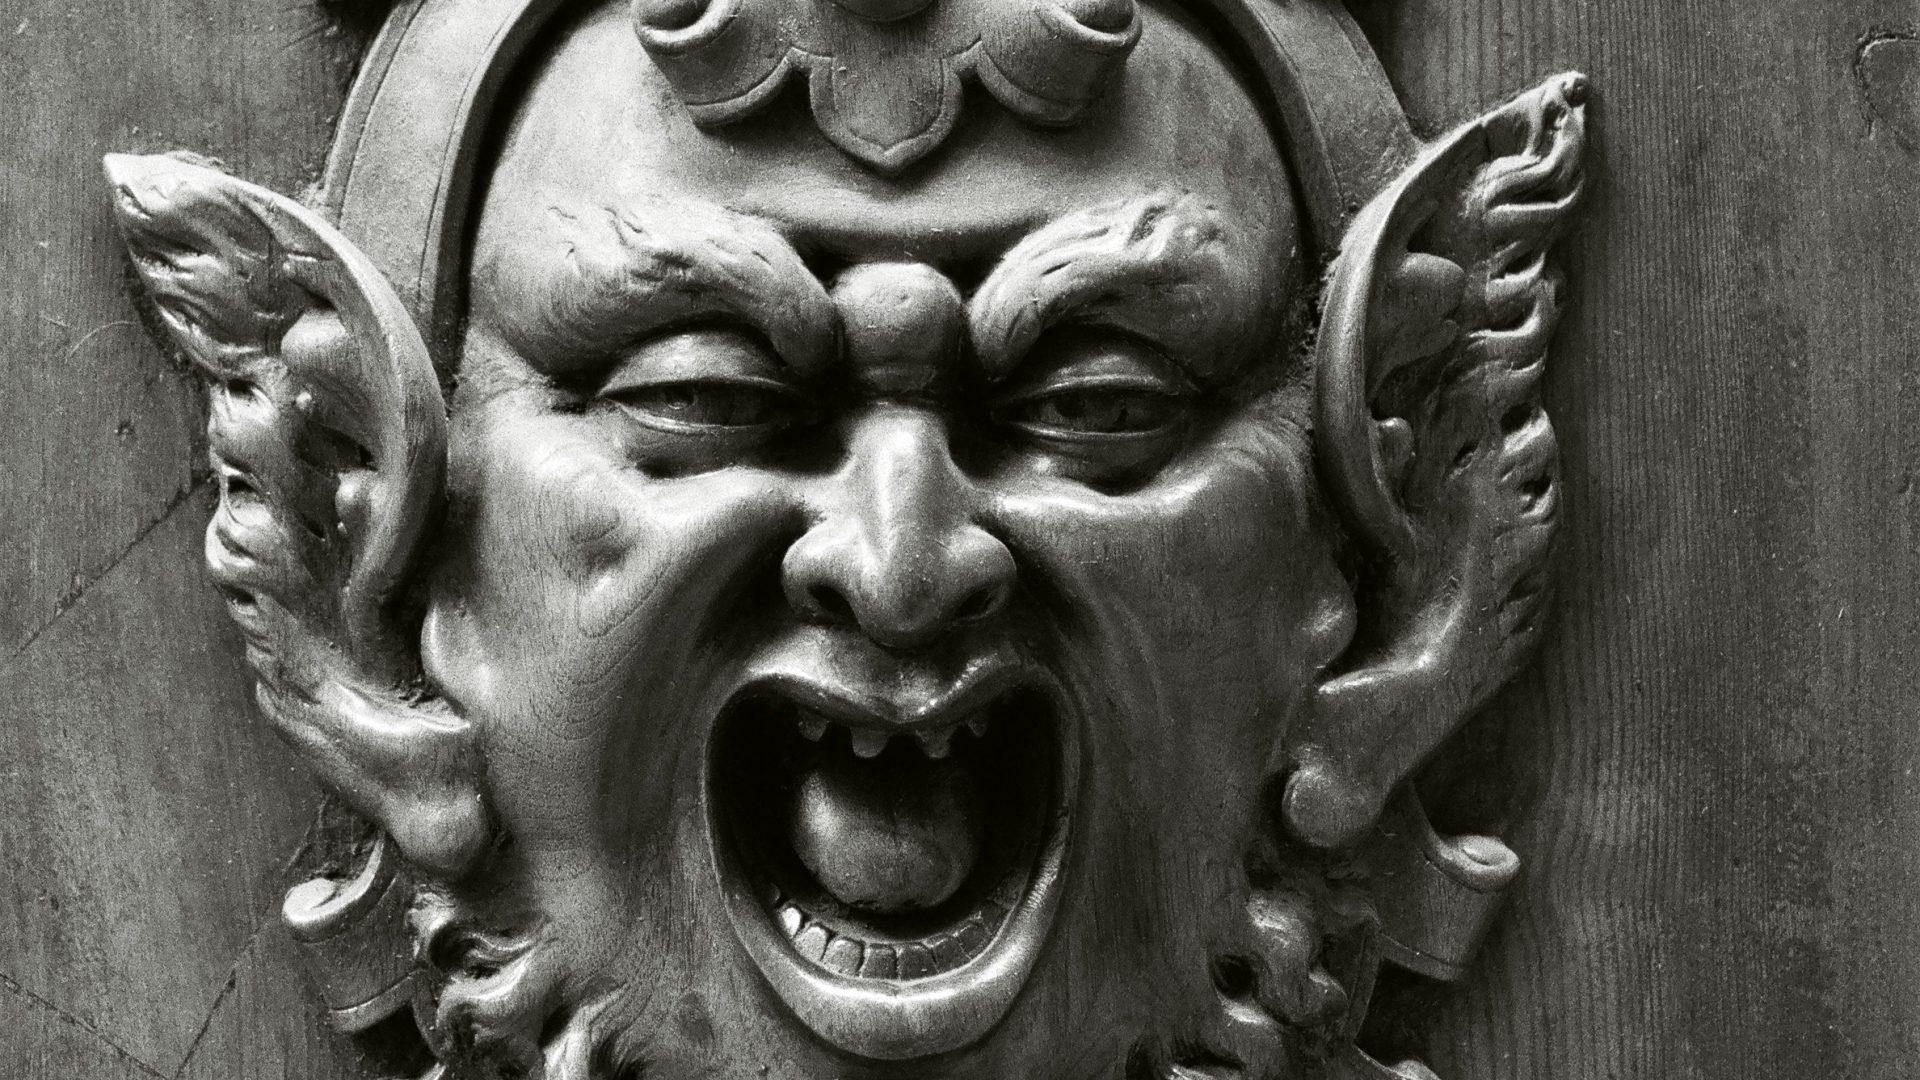 Zen Master* Bear** Speaks***